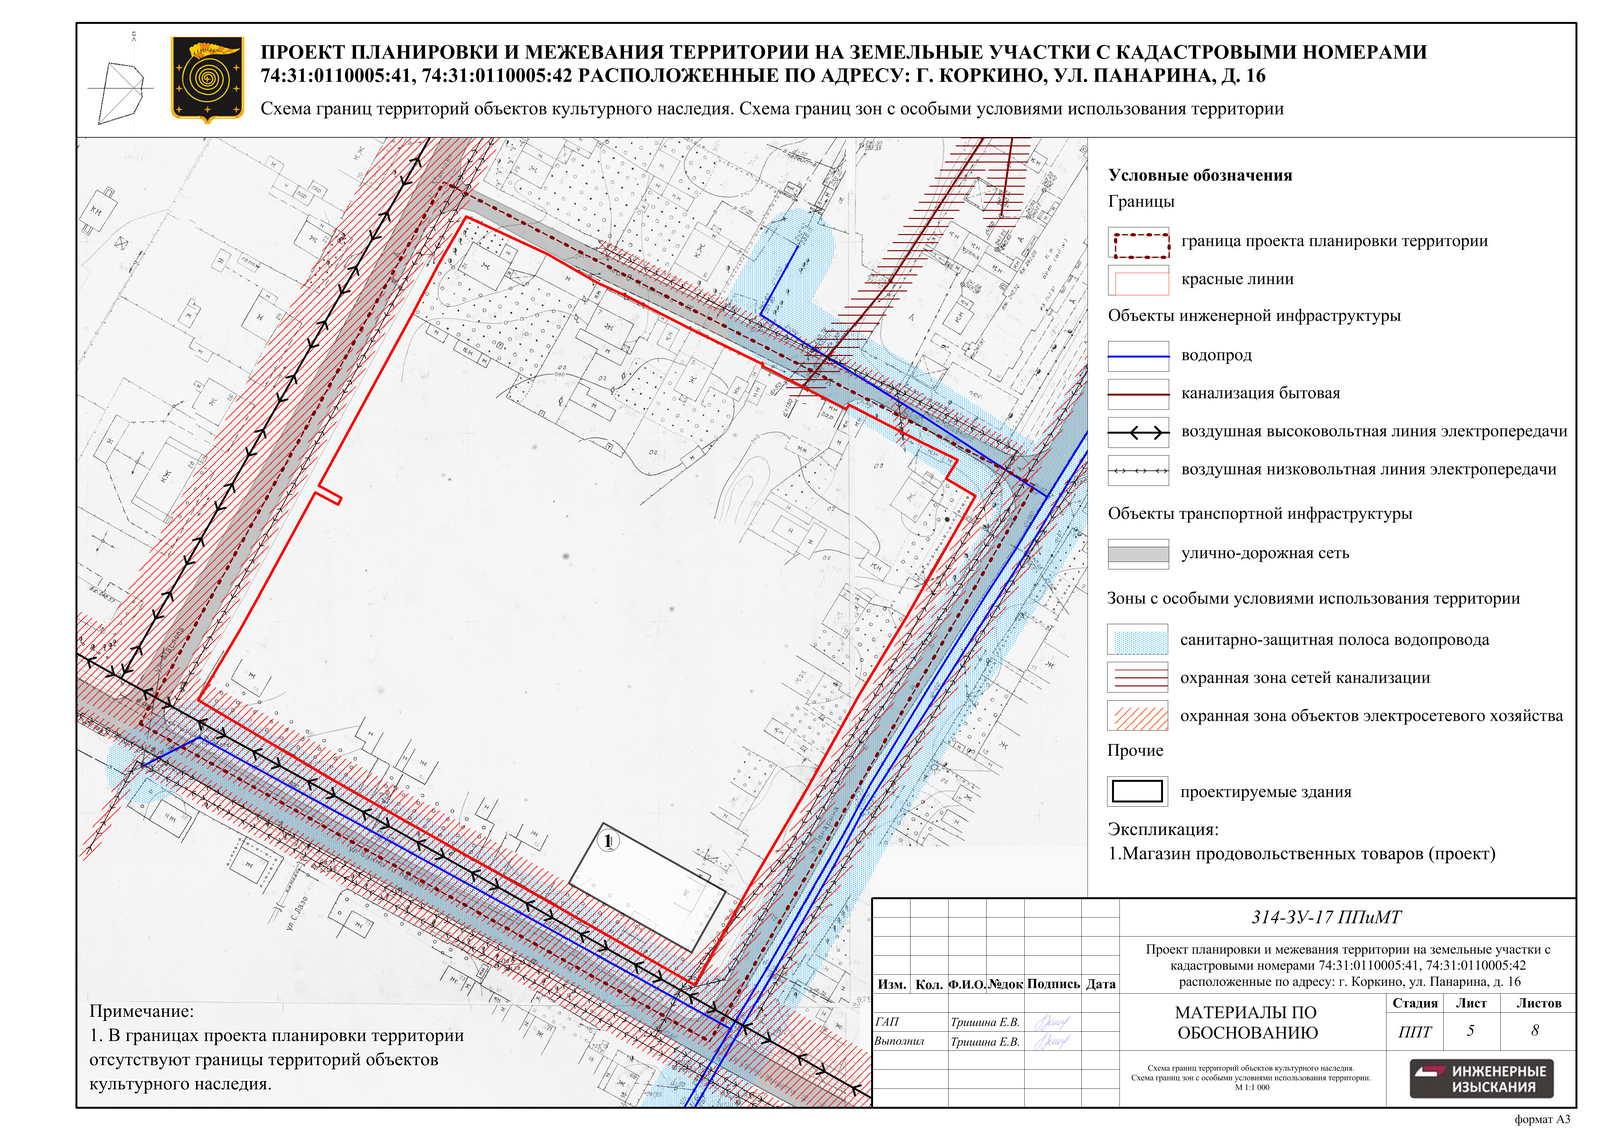 Охранная зона водопровода - санитарные нормы и требования